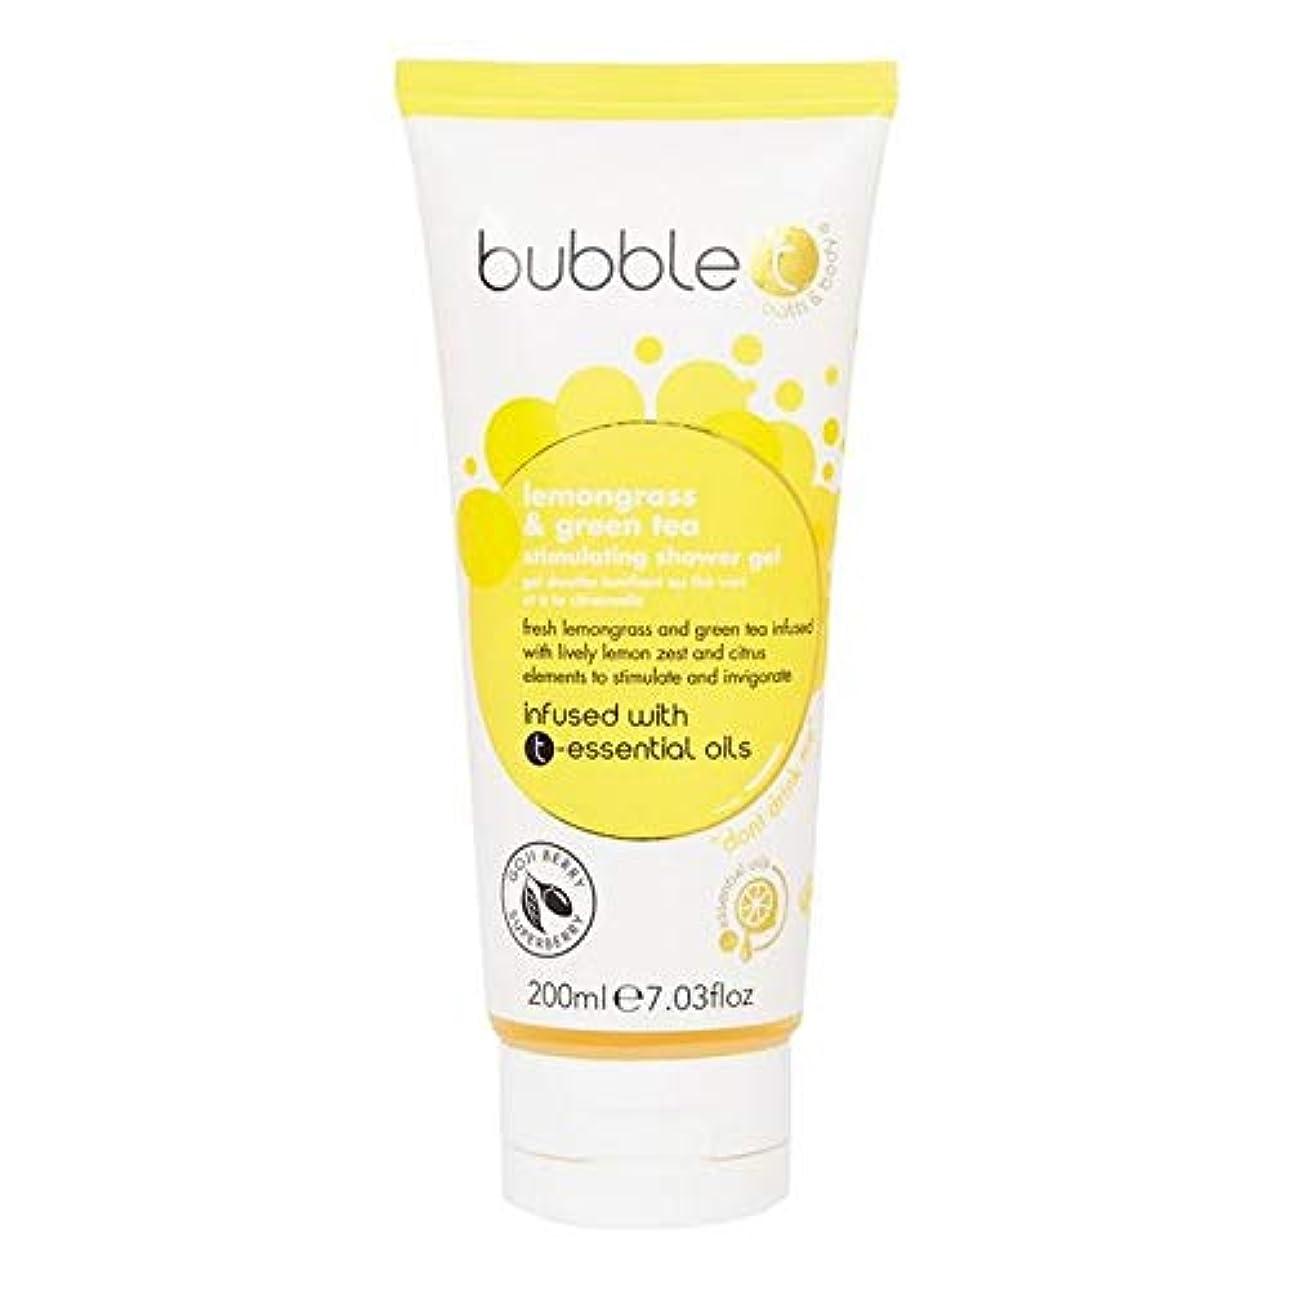 わかる導入するシャイ[Bubble T ] バブルトン化粧品シャワージェル、レモングラス&緑茶200ミリリットル - Bubble T Cosmetics Shower Gel, Lemongrass & Green Tea 200ml [並行輸入品]